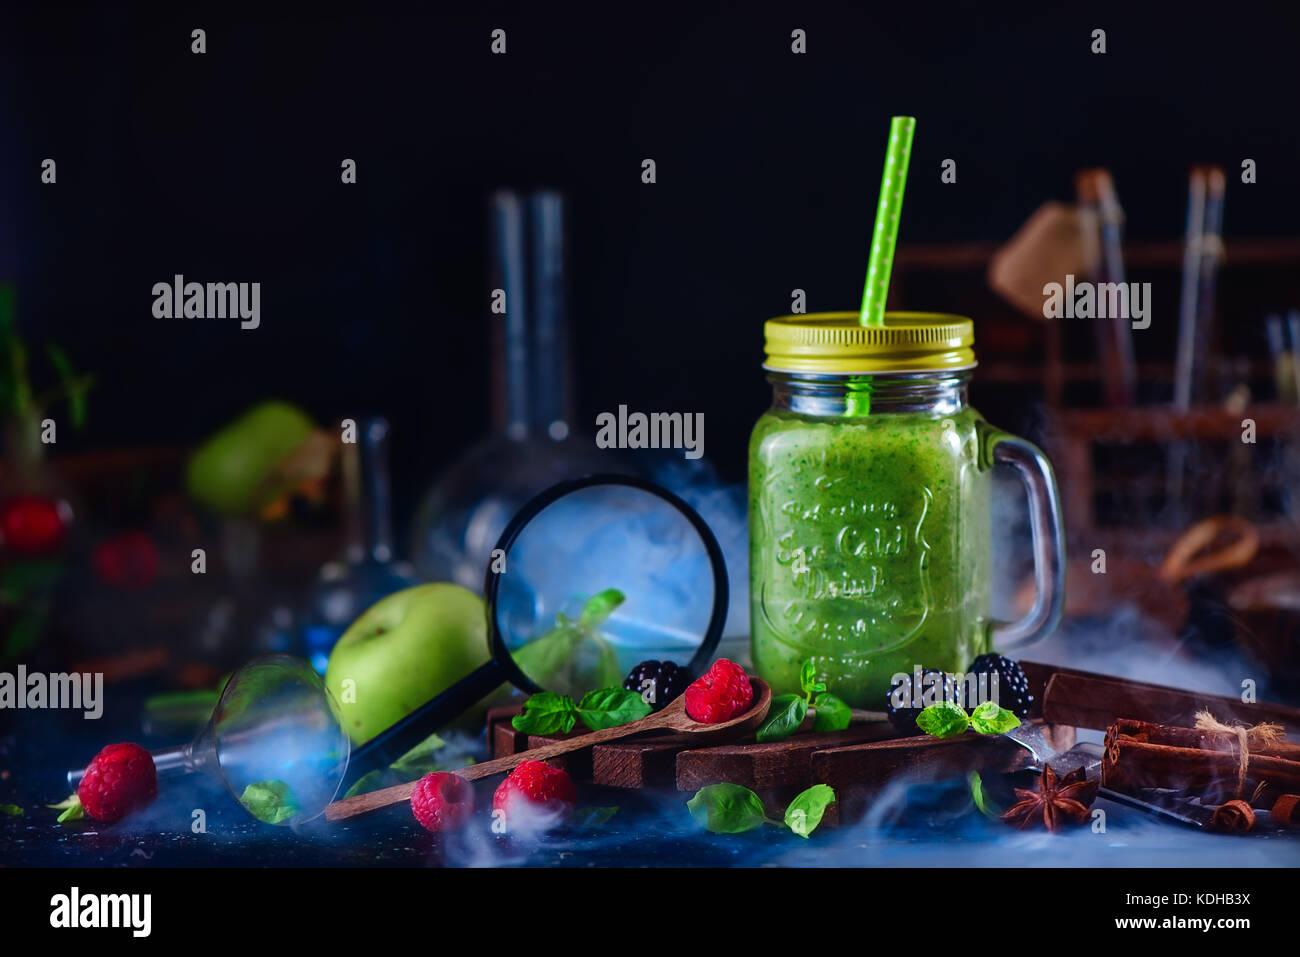 Smoothie jar mit grünen helthy Drink in ein Stillleben mit Beeren, Zimt, Anis, Lupe und Ernährung Laborgeräte. Stockbild